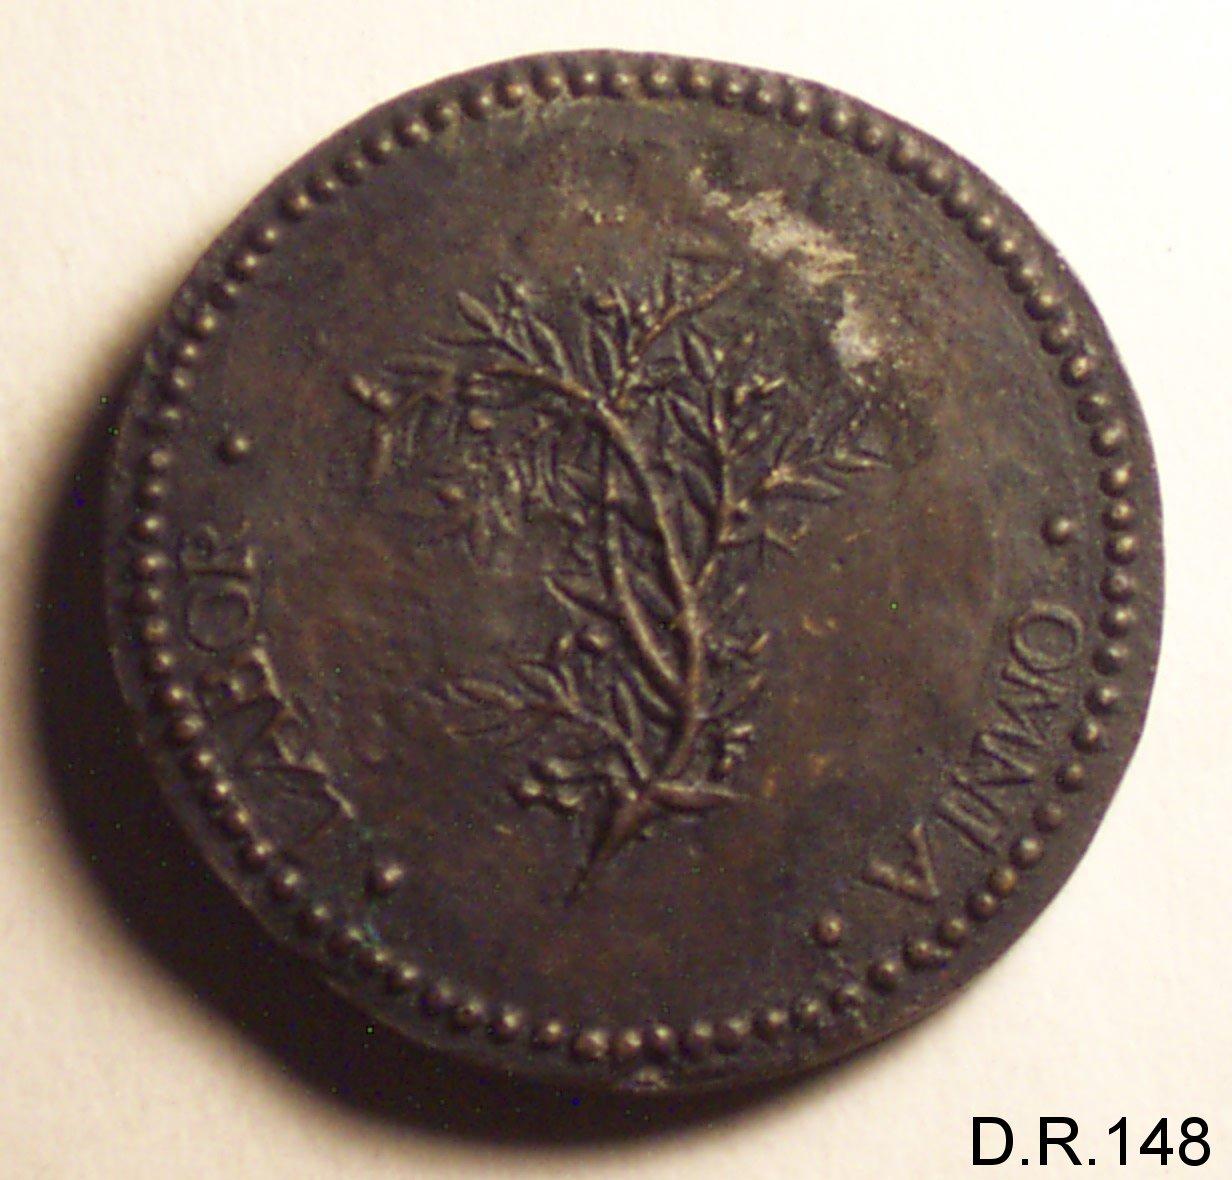 medaglia di Romanelli Gaspare (sec. XVI)